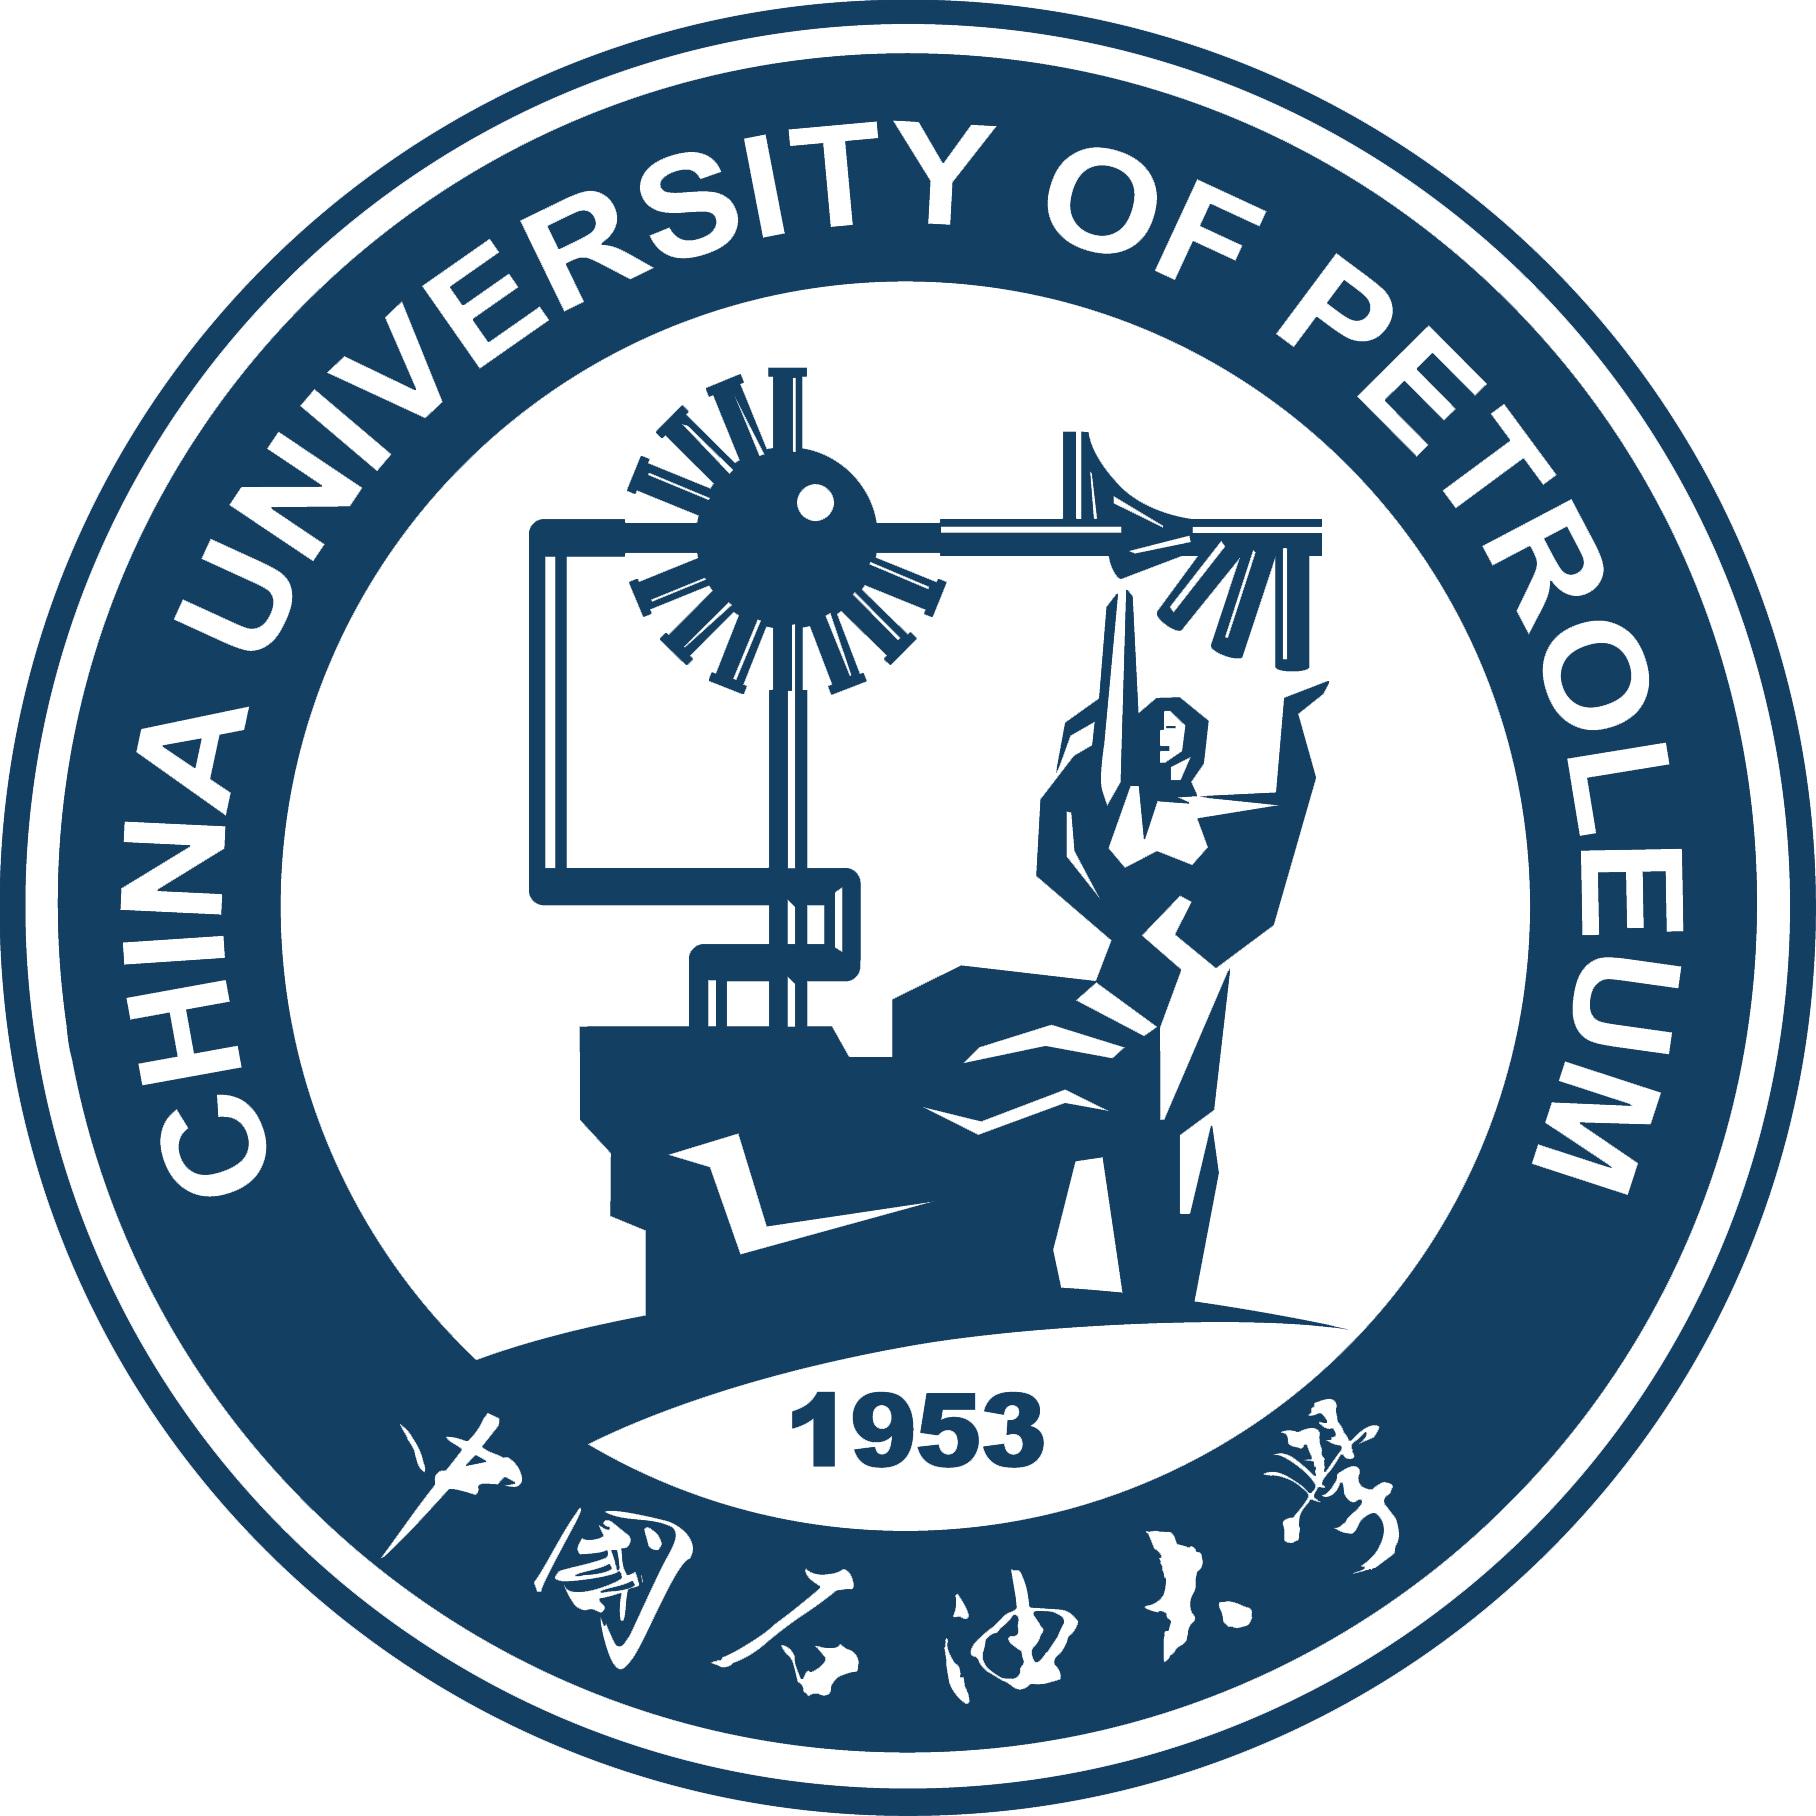 中国石油大学(华东)东营校区图片